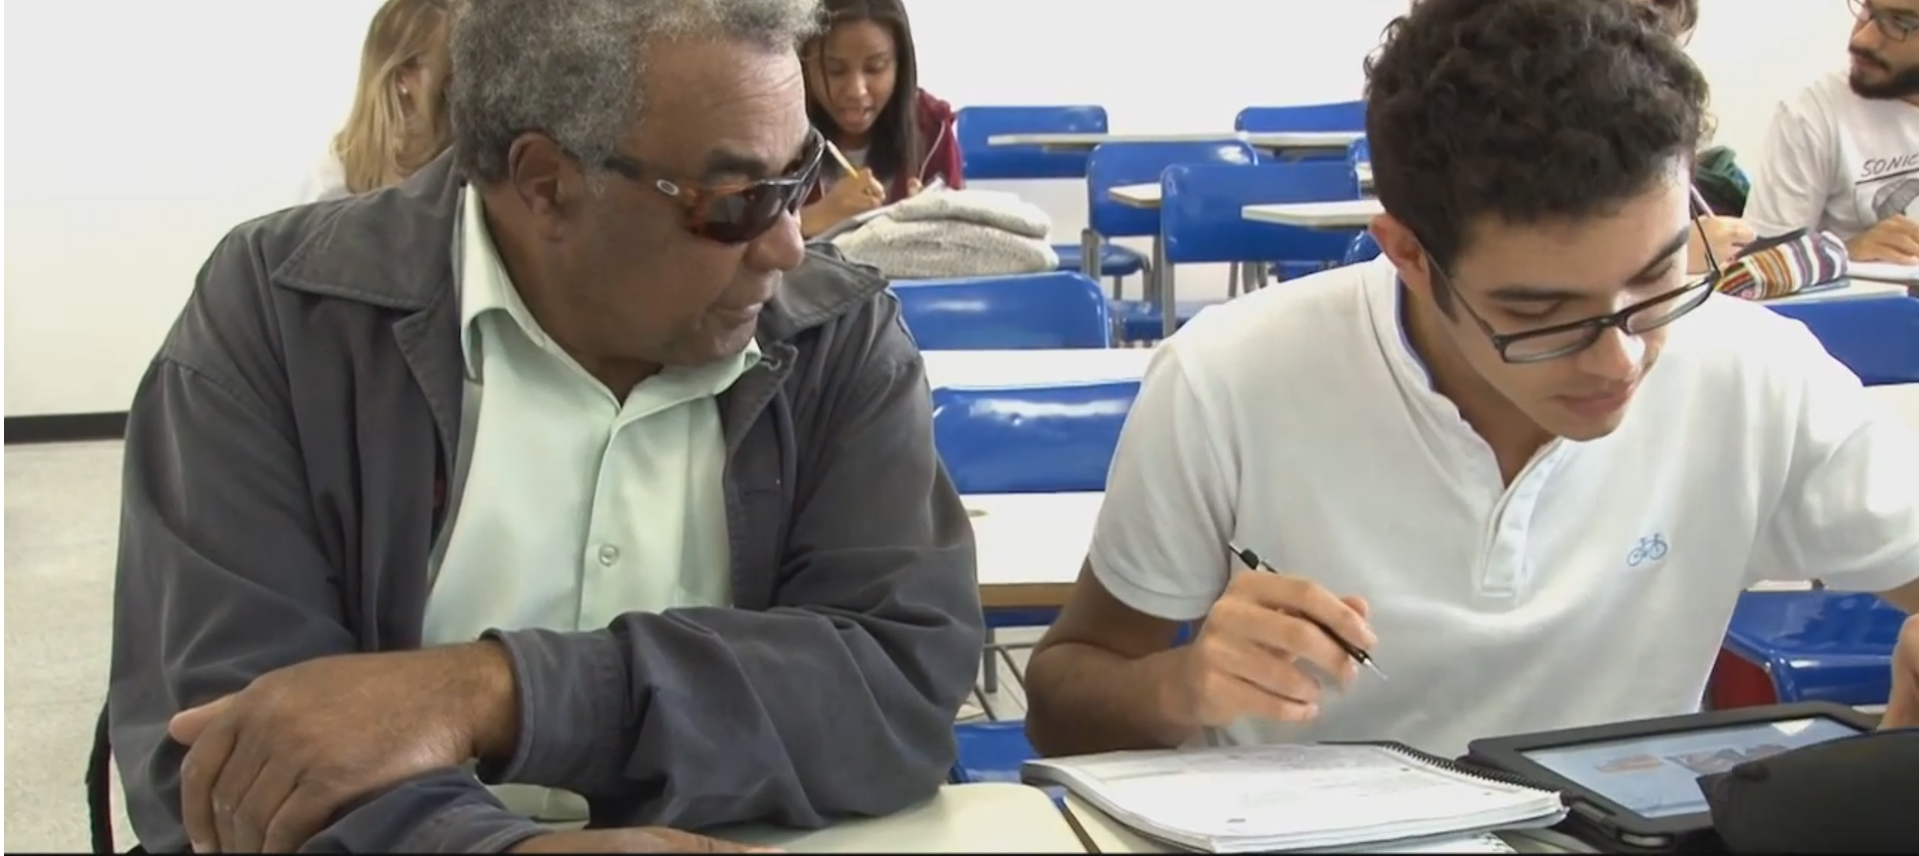 Homem idoso com deficiência visual presta atenção em jovem sentado ao lado direito, que manuseia caderno e tablet. Eles estão em uma sala de aula, sentados lado a lado em mesas escolares.